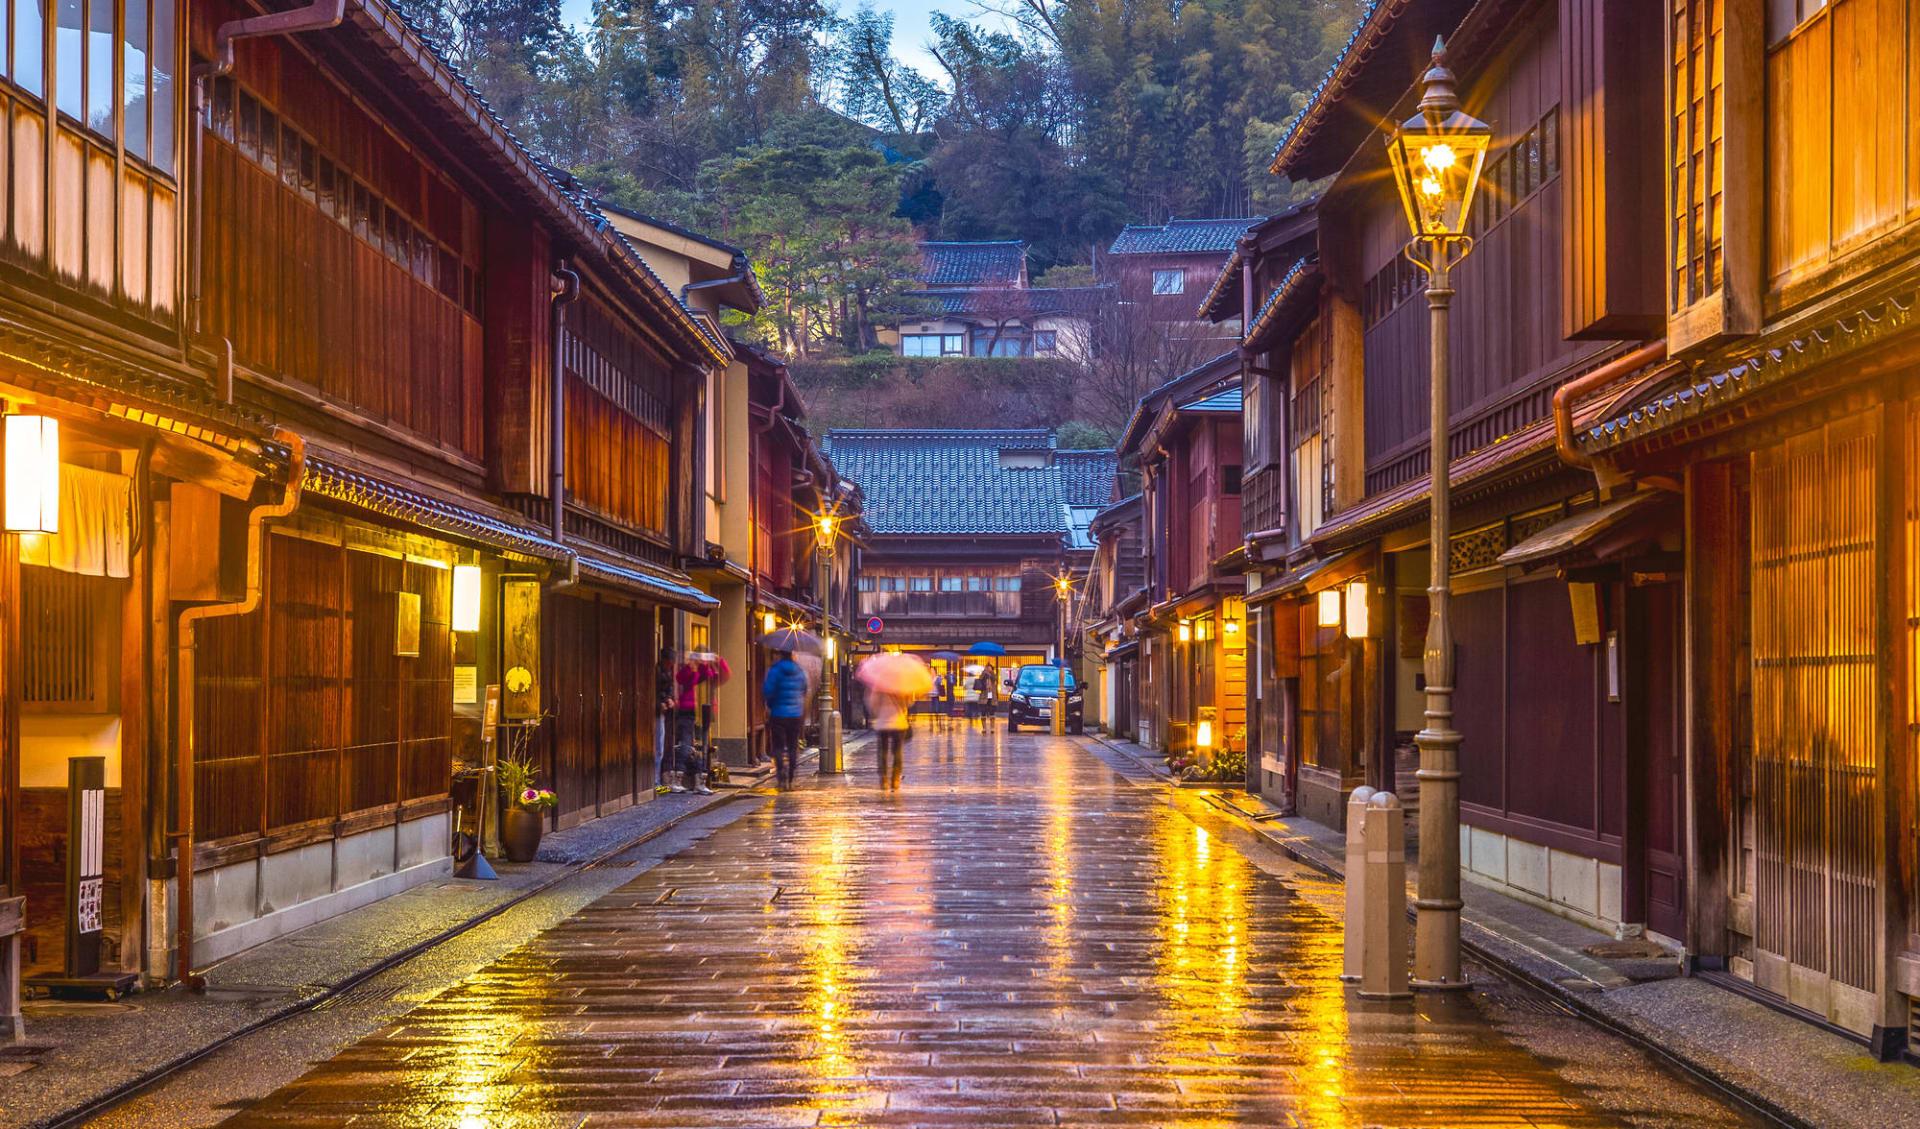 Höhepunkte Japans mit Verlängerung ab Tokio: Kanazawa Higashi Chaya District